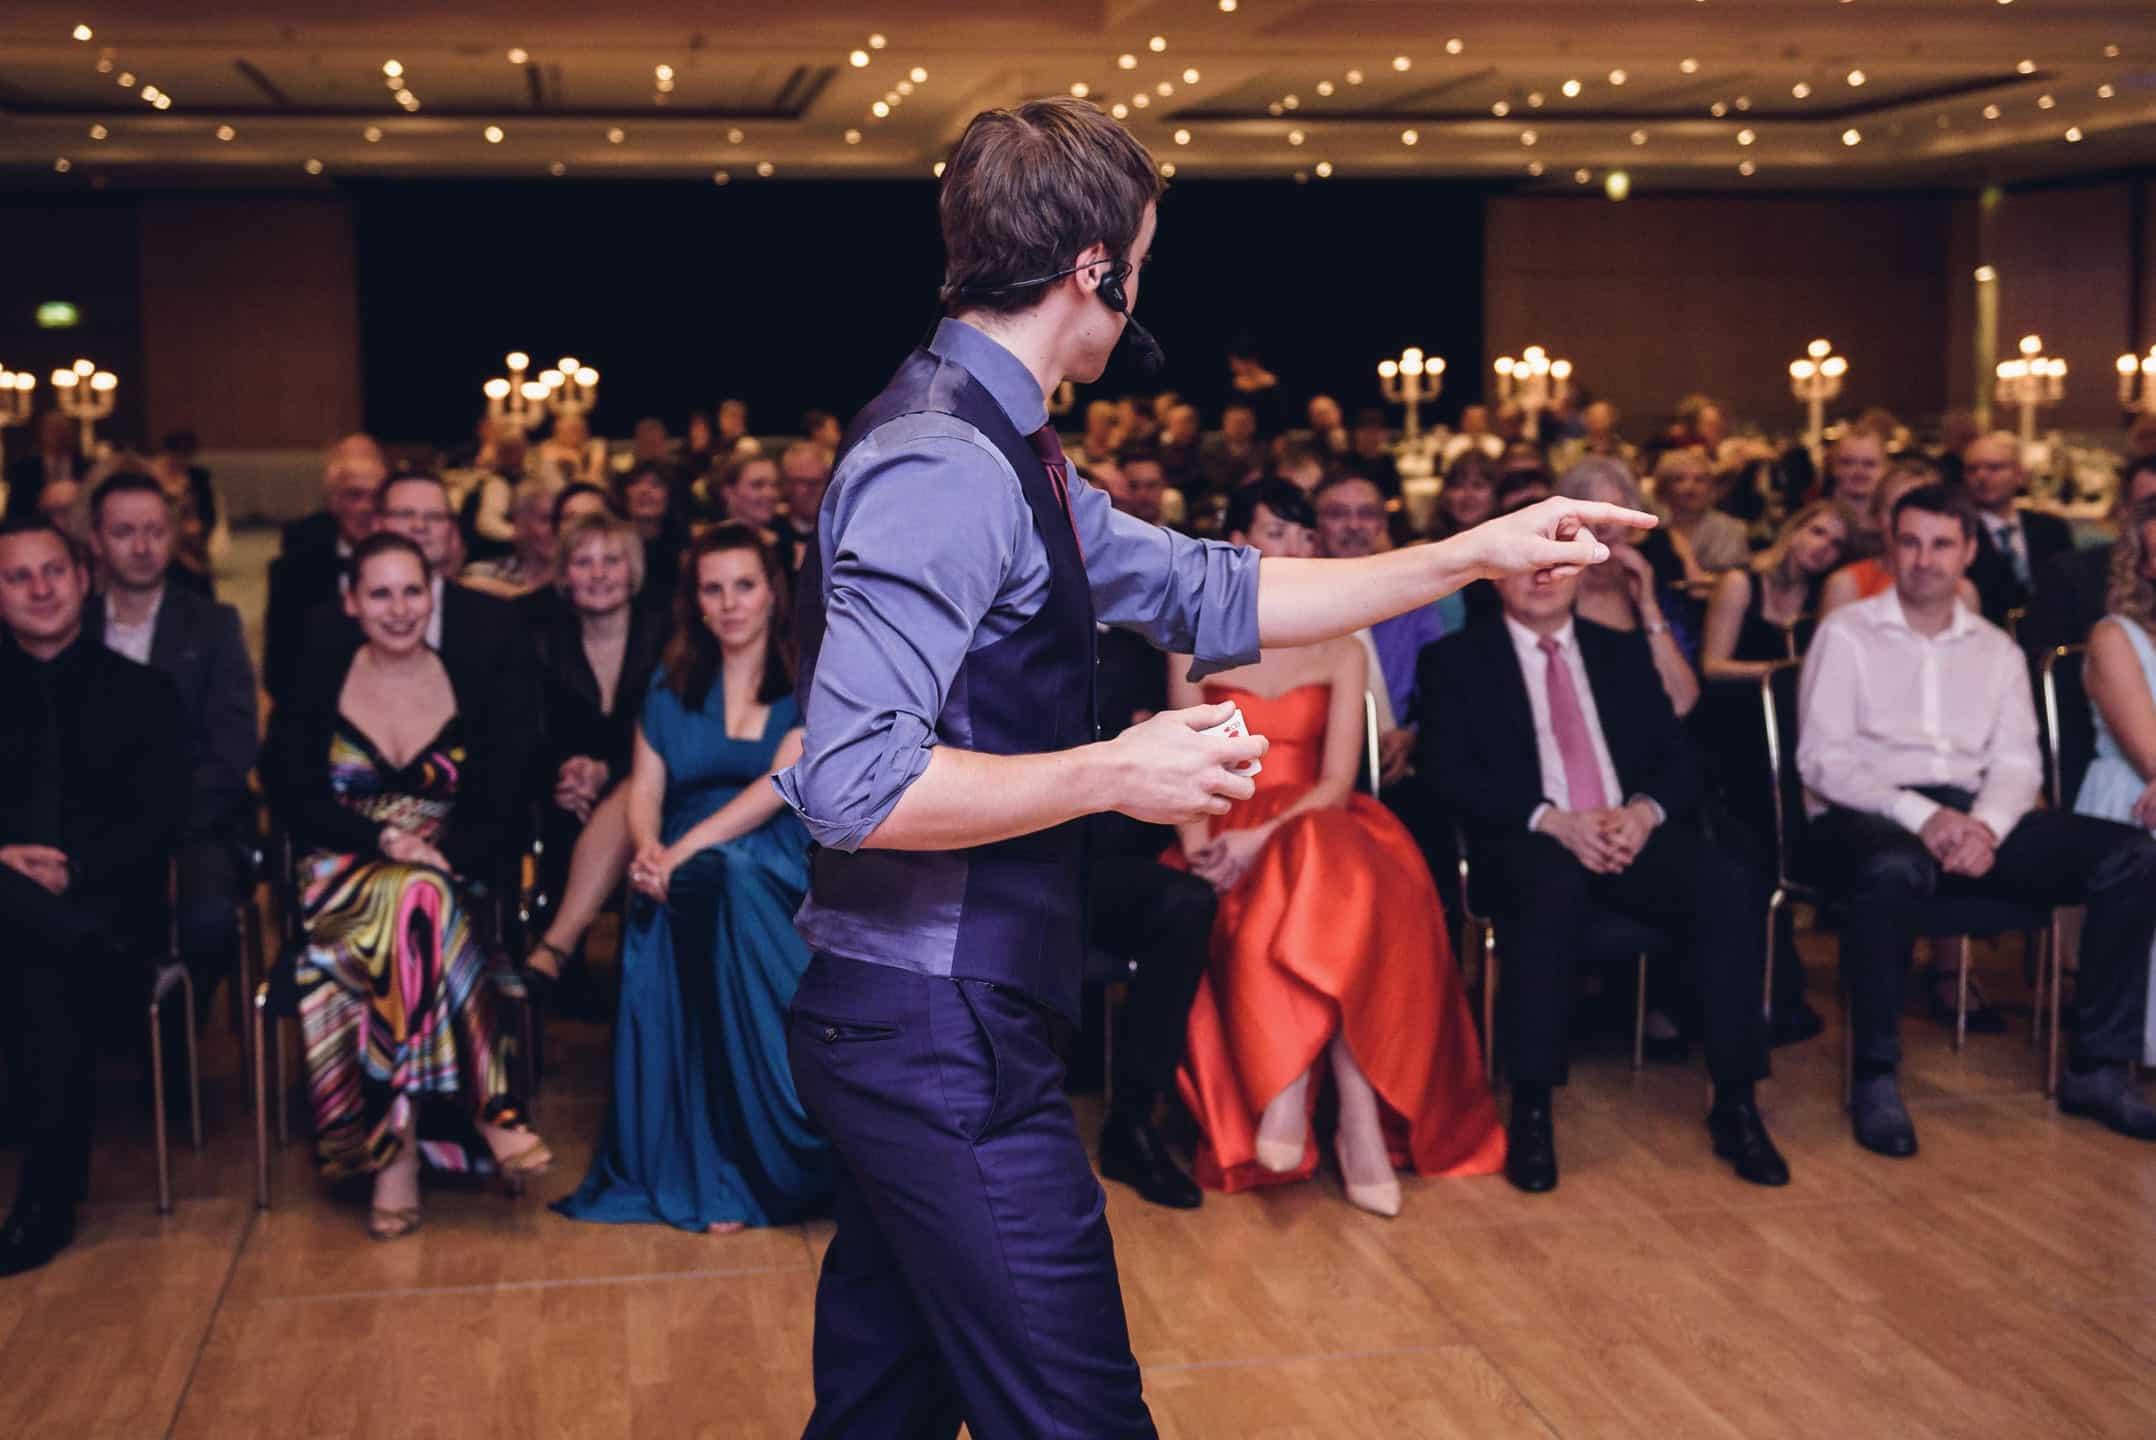 Bei einer Ballnacht haben sich alle Gäste herausgeputzt und sehen sich die Bühnenshow vom Zauberer an. Dieser zeigt mit seiner Hand an den Ort, wo etwas Unglaubliches passieren wird. In der anderen Hand hält er Spielkarten.